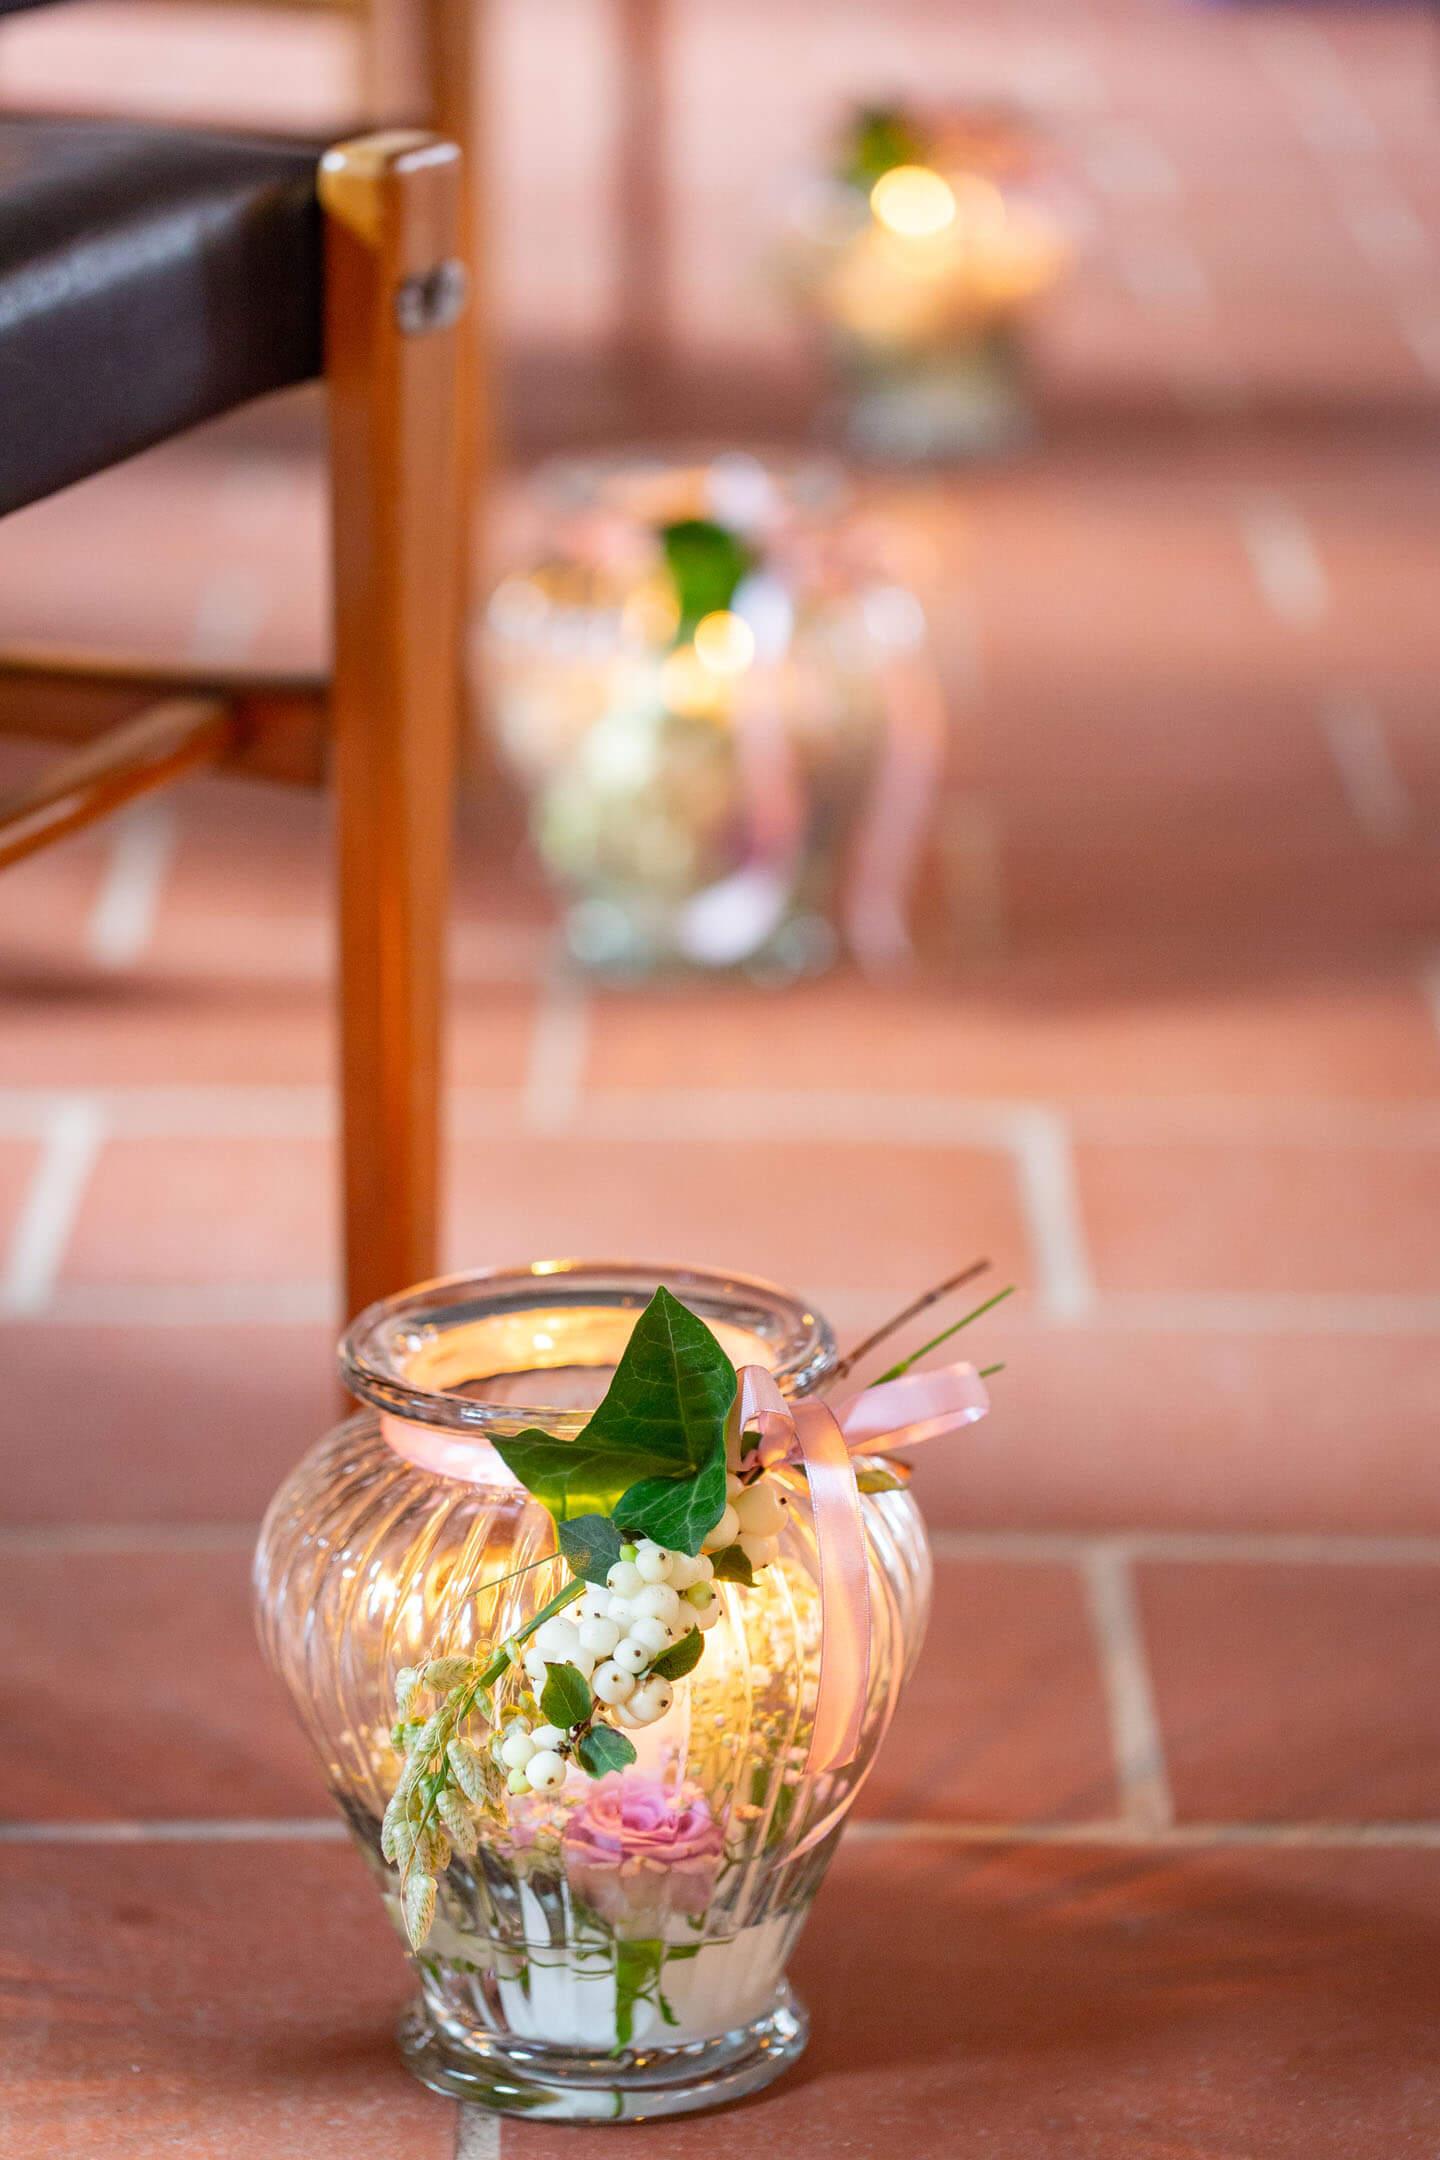 Hochzeitsdeko in der Kirche. Fotograf: Florian Läufer aus Hamburg